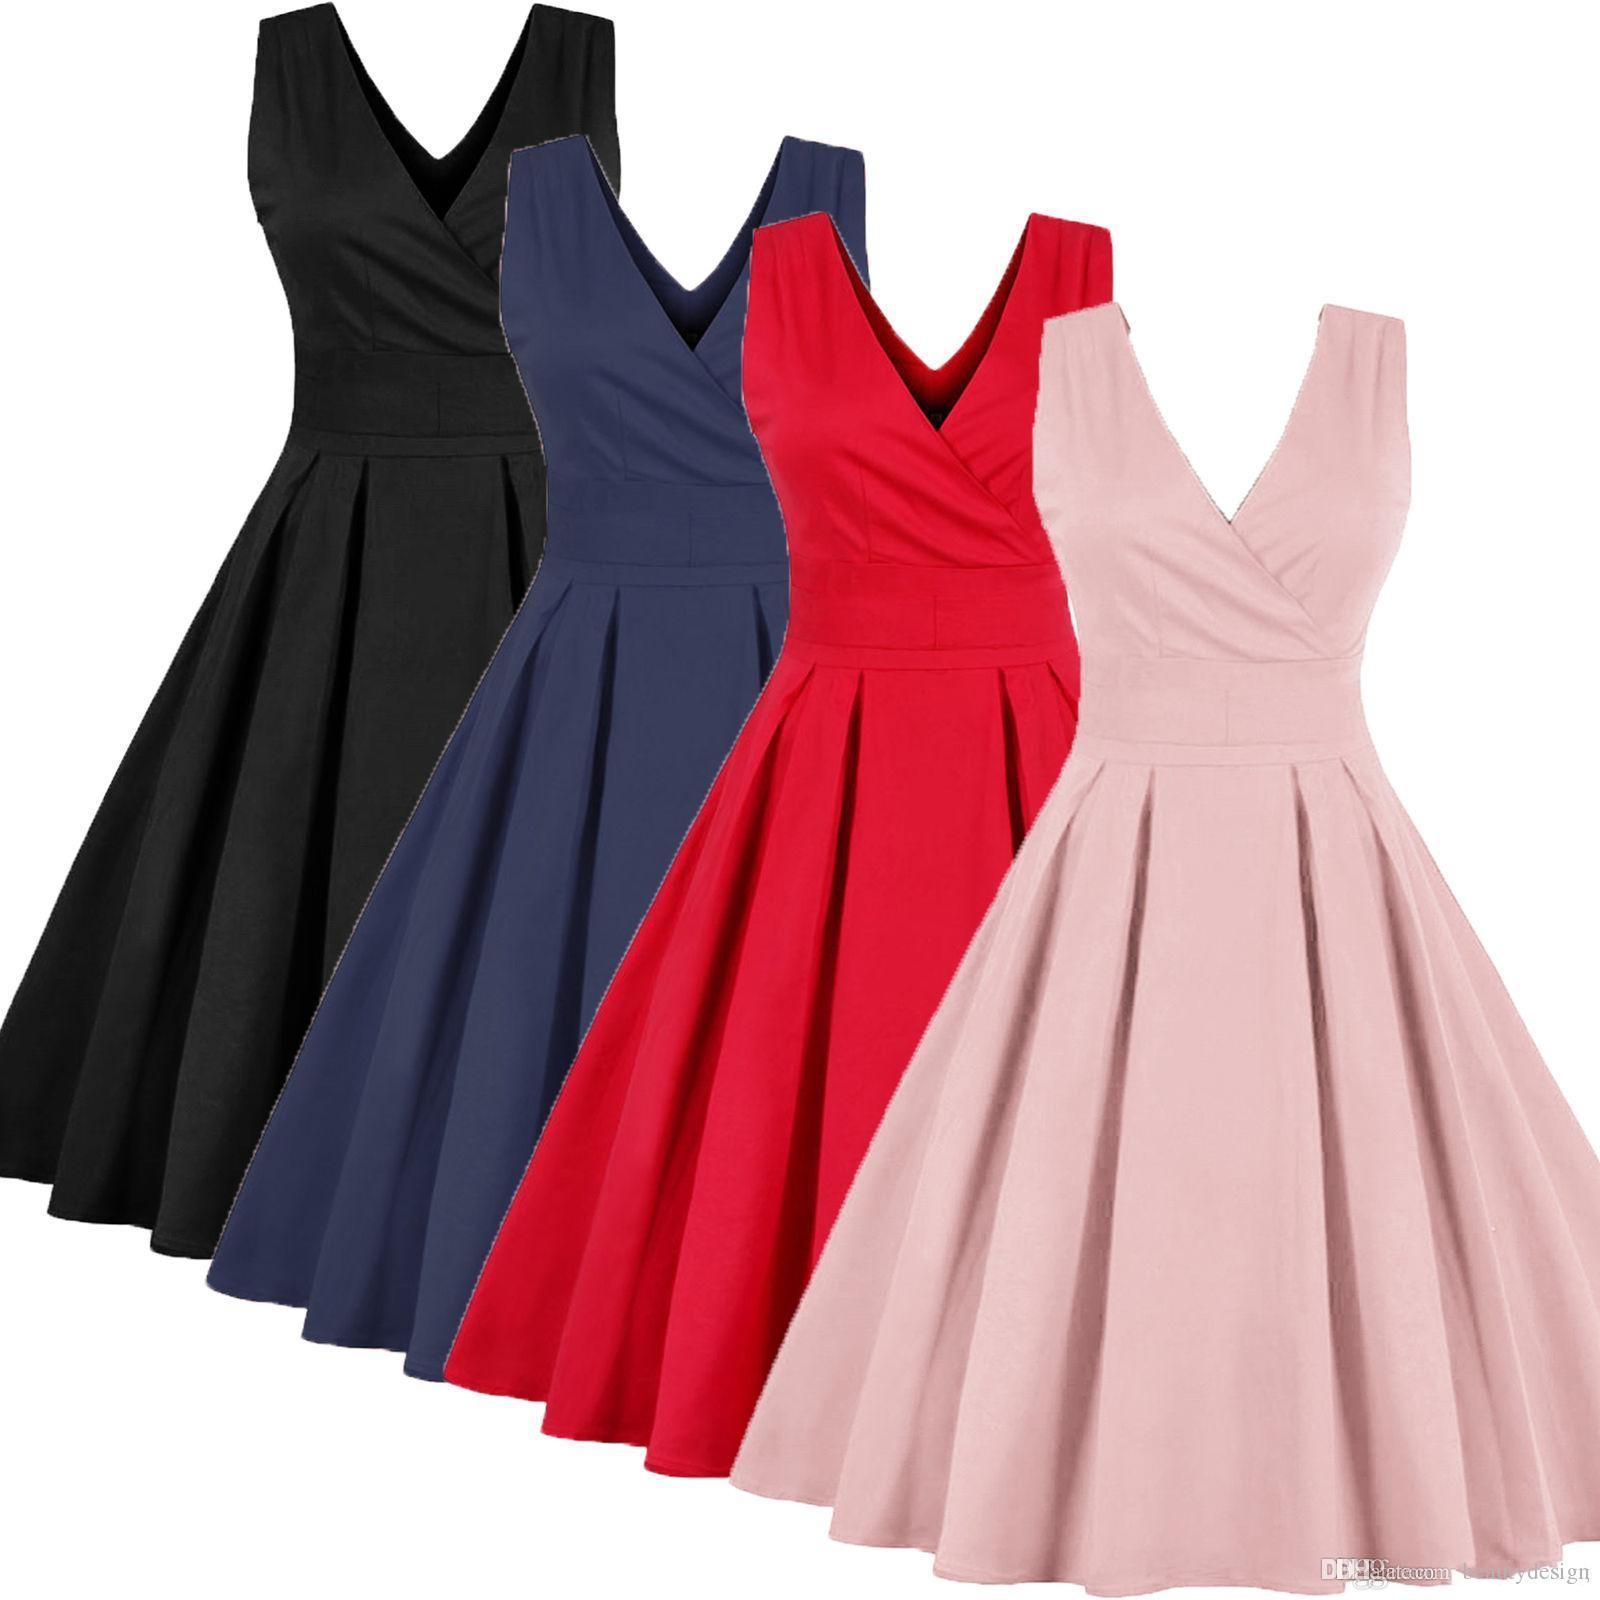 cc6d88019848 Acquista Abiti 2019 Nuovi Abiti Estivi Ladies Vintage Dress 4XL Plus Size  Senza Maniche Red Sexy Deep Scollo A V Party Dress FS0494 A  16.65 Dal ...